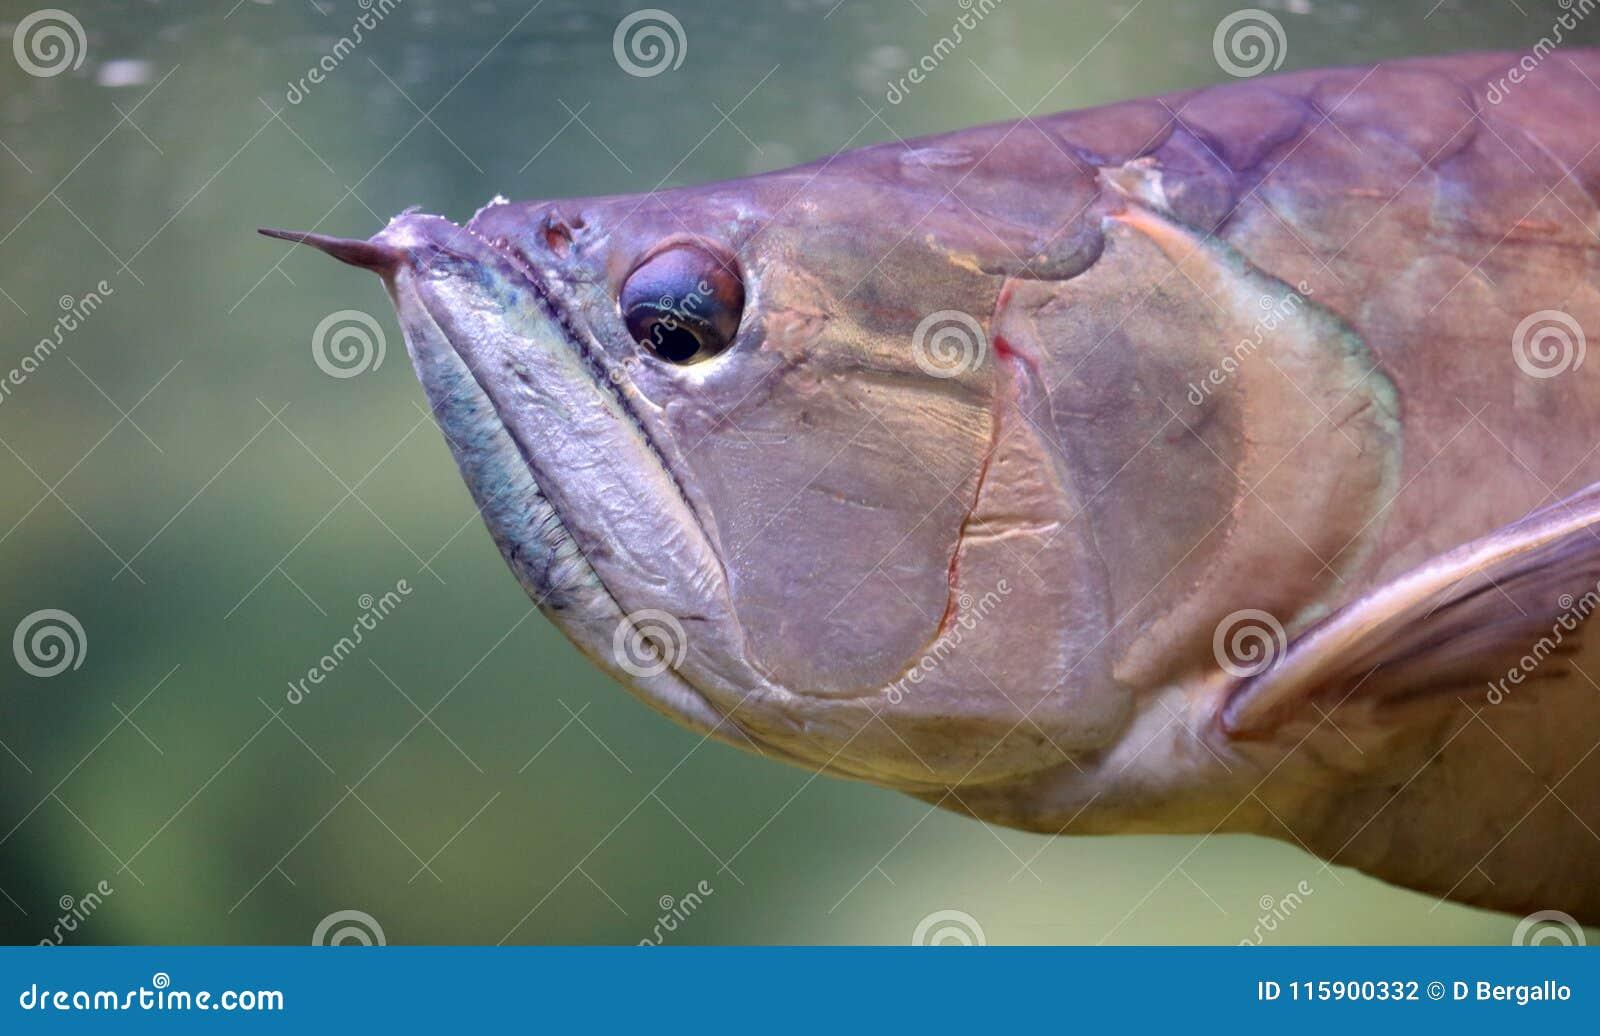 Big fish in aquarium at ocean, sea alt creature